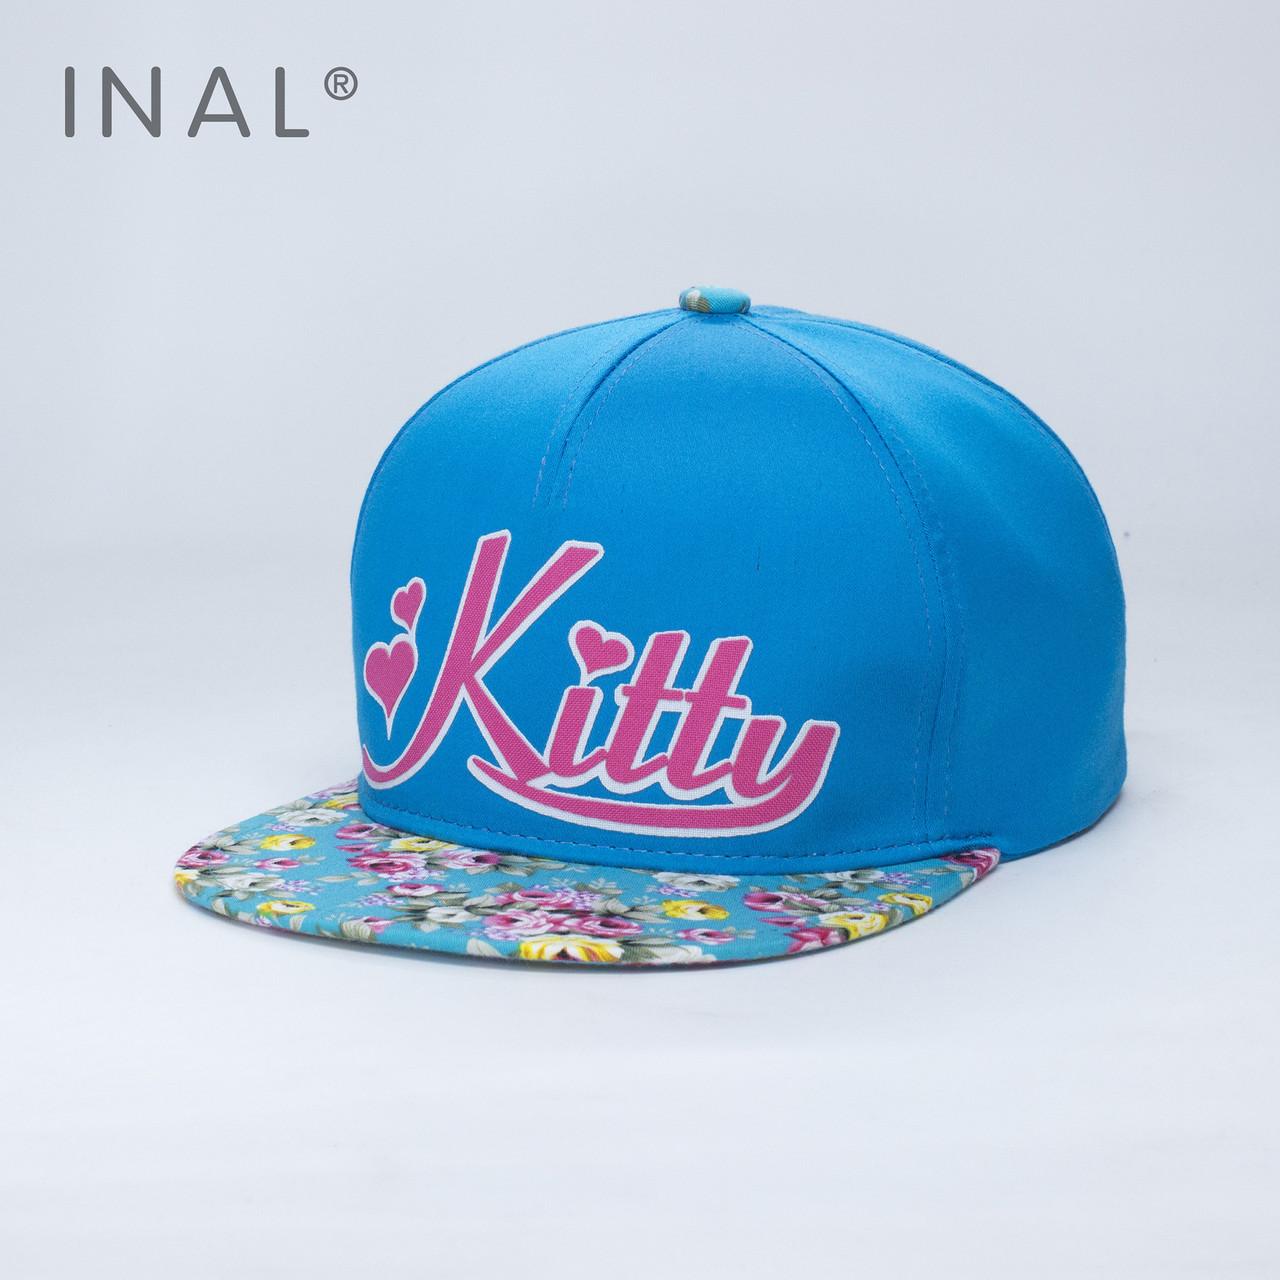 Кепка бейсболка INAL Kitty M / 55-56 RU Голубой 97755